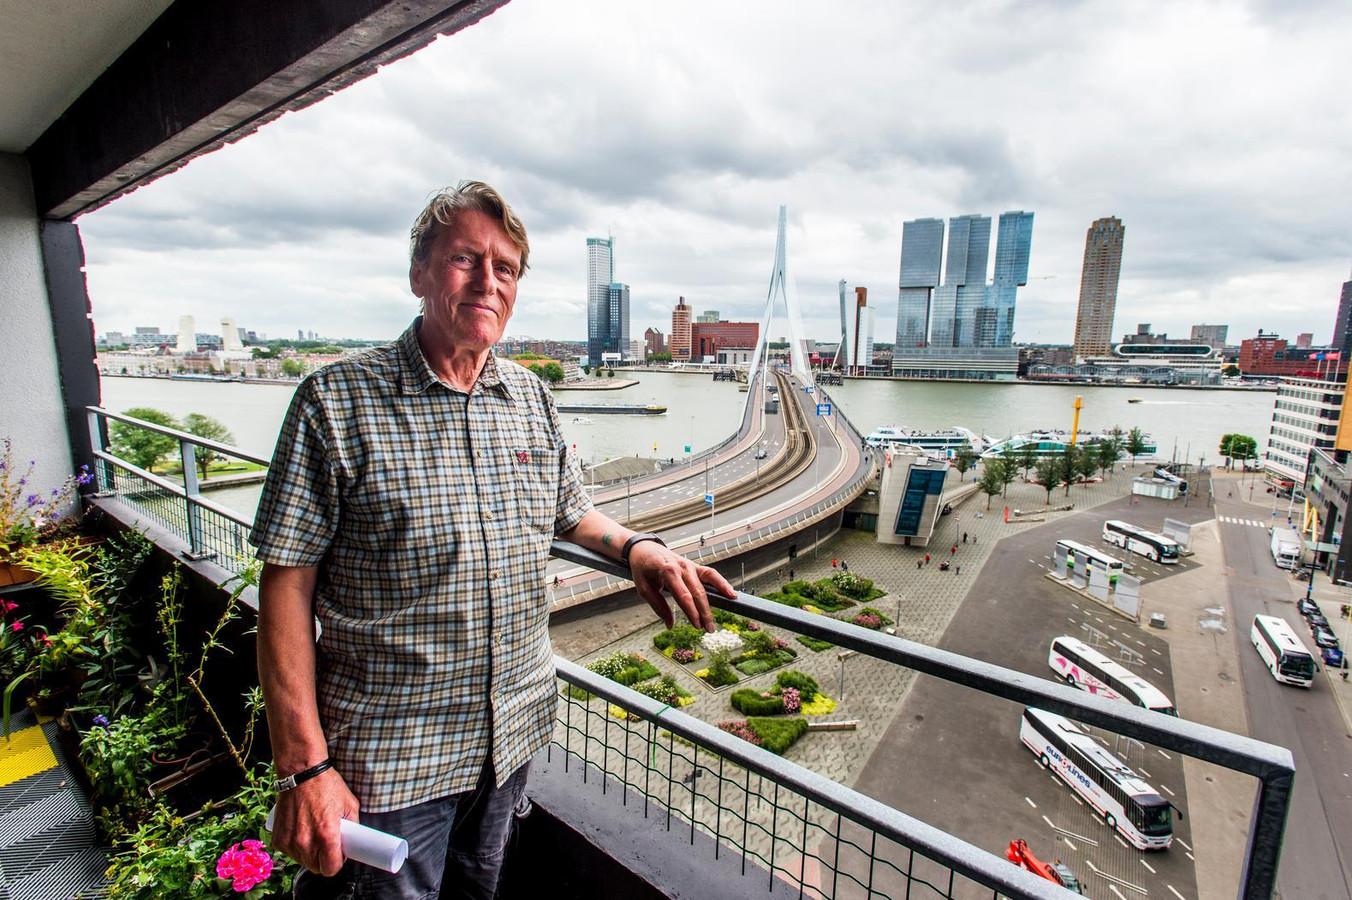 Peter Verburg, voorzitter van de bewonersvereniging De Hoge Heren. Het reuzenrad zal zijn uitzicht blokkeren.